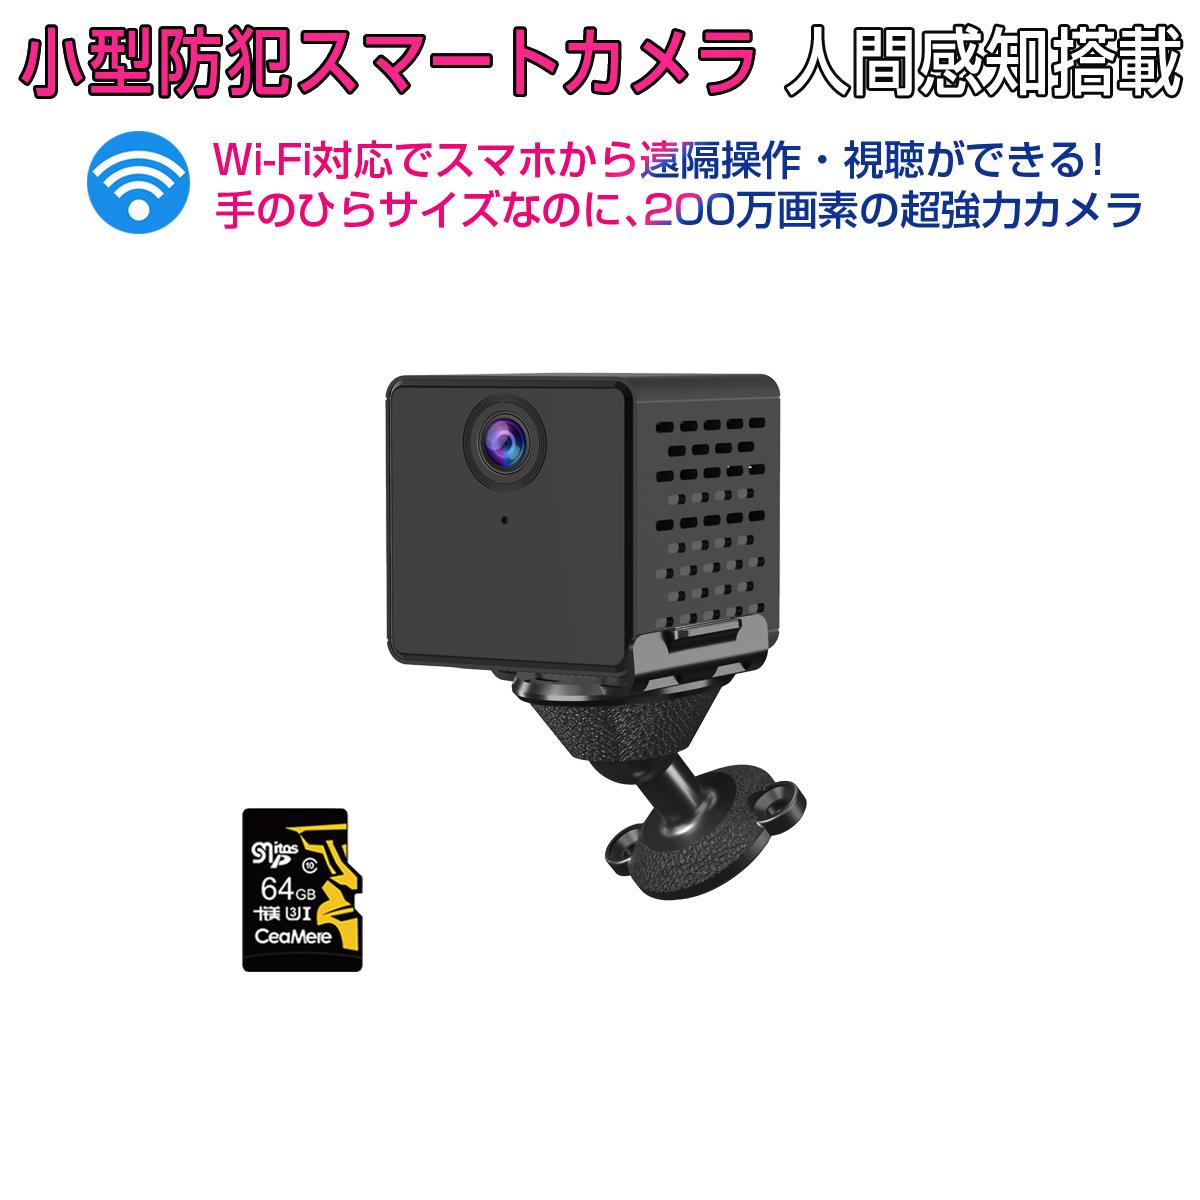 小型 防犯カメラ ワイヤレス CB73 SDカード64GB同梱モデル VStarcam フルHD 2K 1080P 200万画素 高画質 wifi 無線 録音 ネット環境なくても電源繋ぐだけ 遠隔監視 防犯 証拠 泥棒 浮気 横領 DV 恐喝 現場 IP カメラ 宅配便送料無料 6ヶ月保証